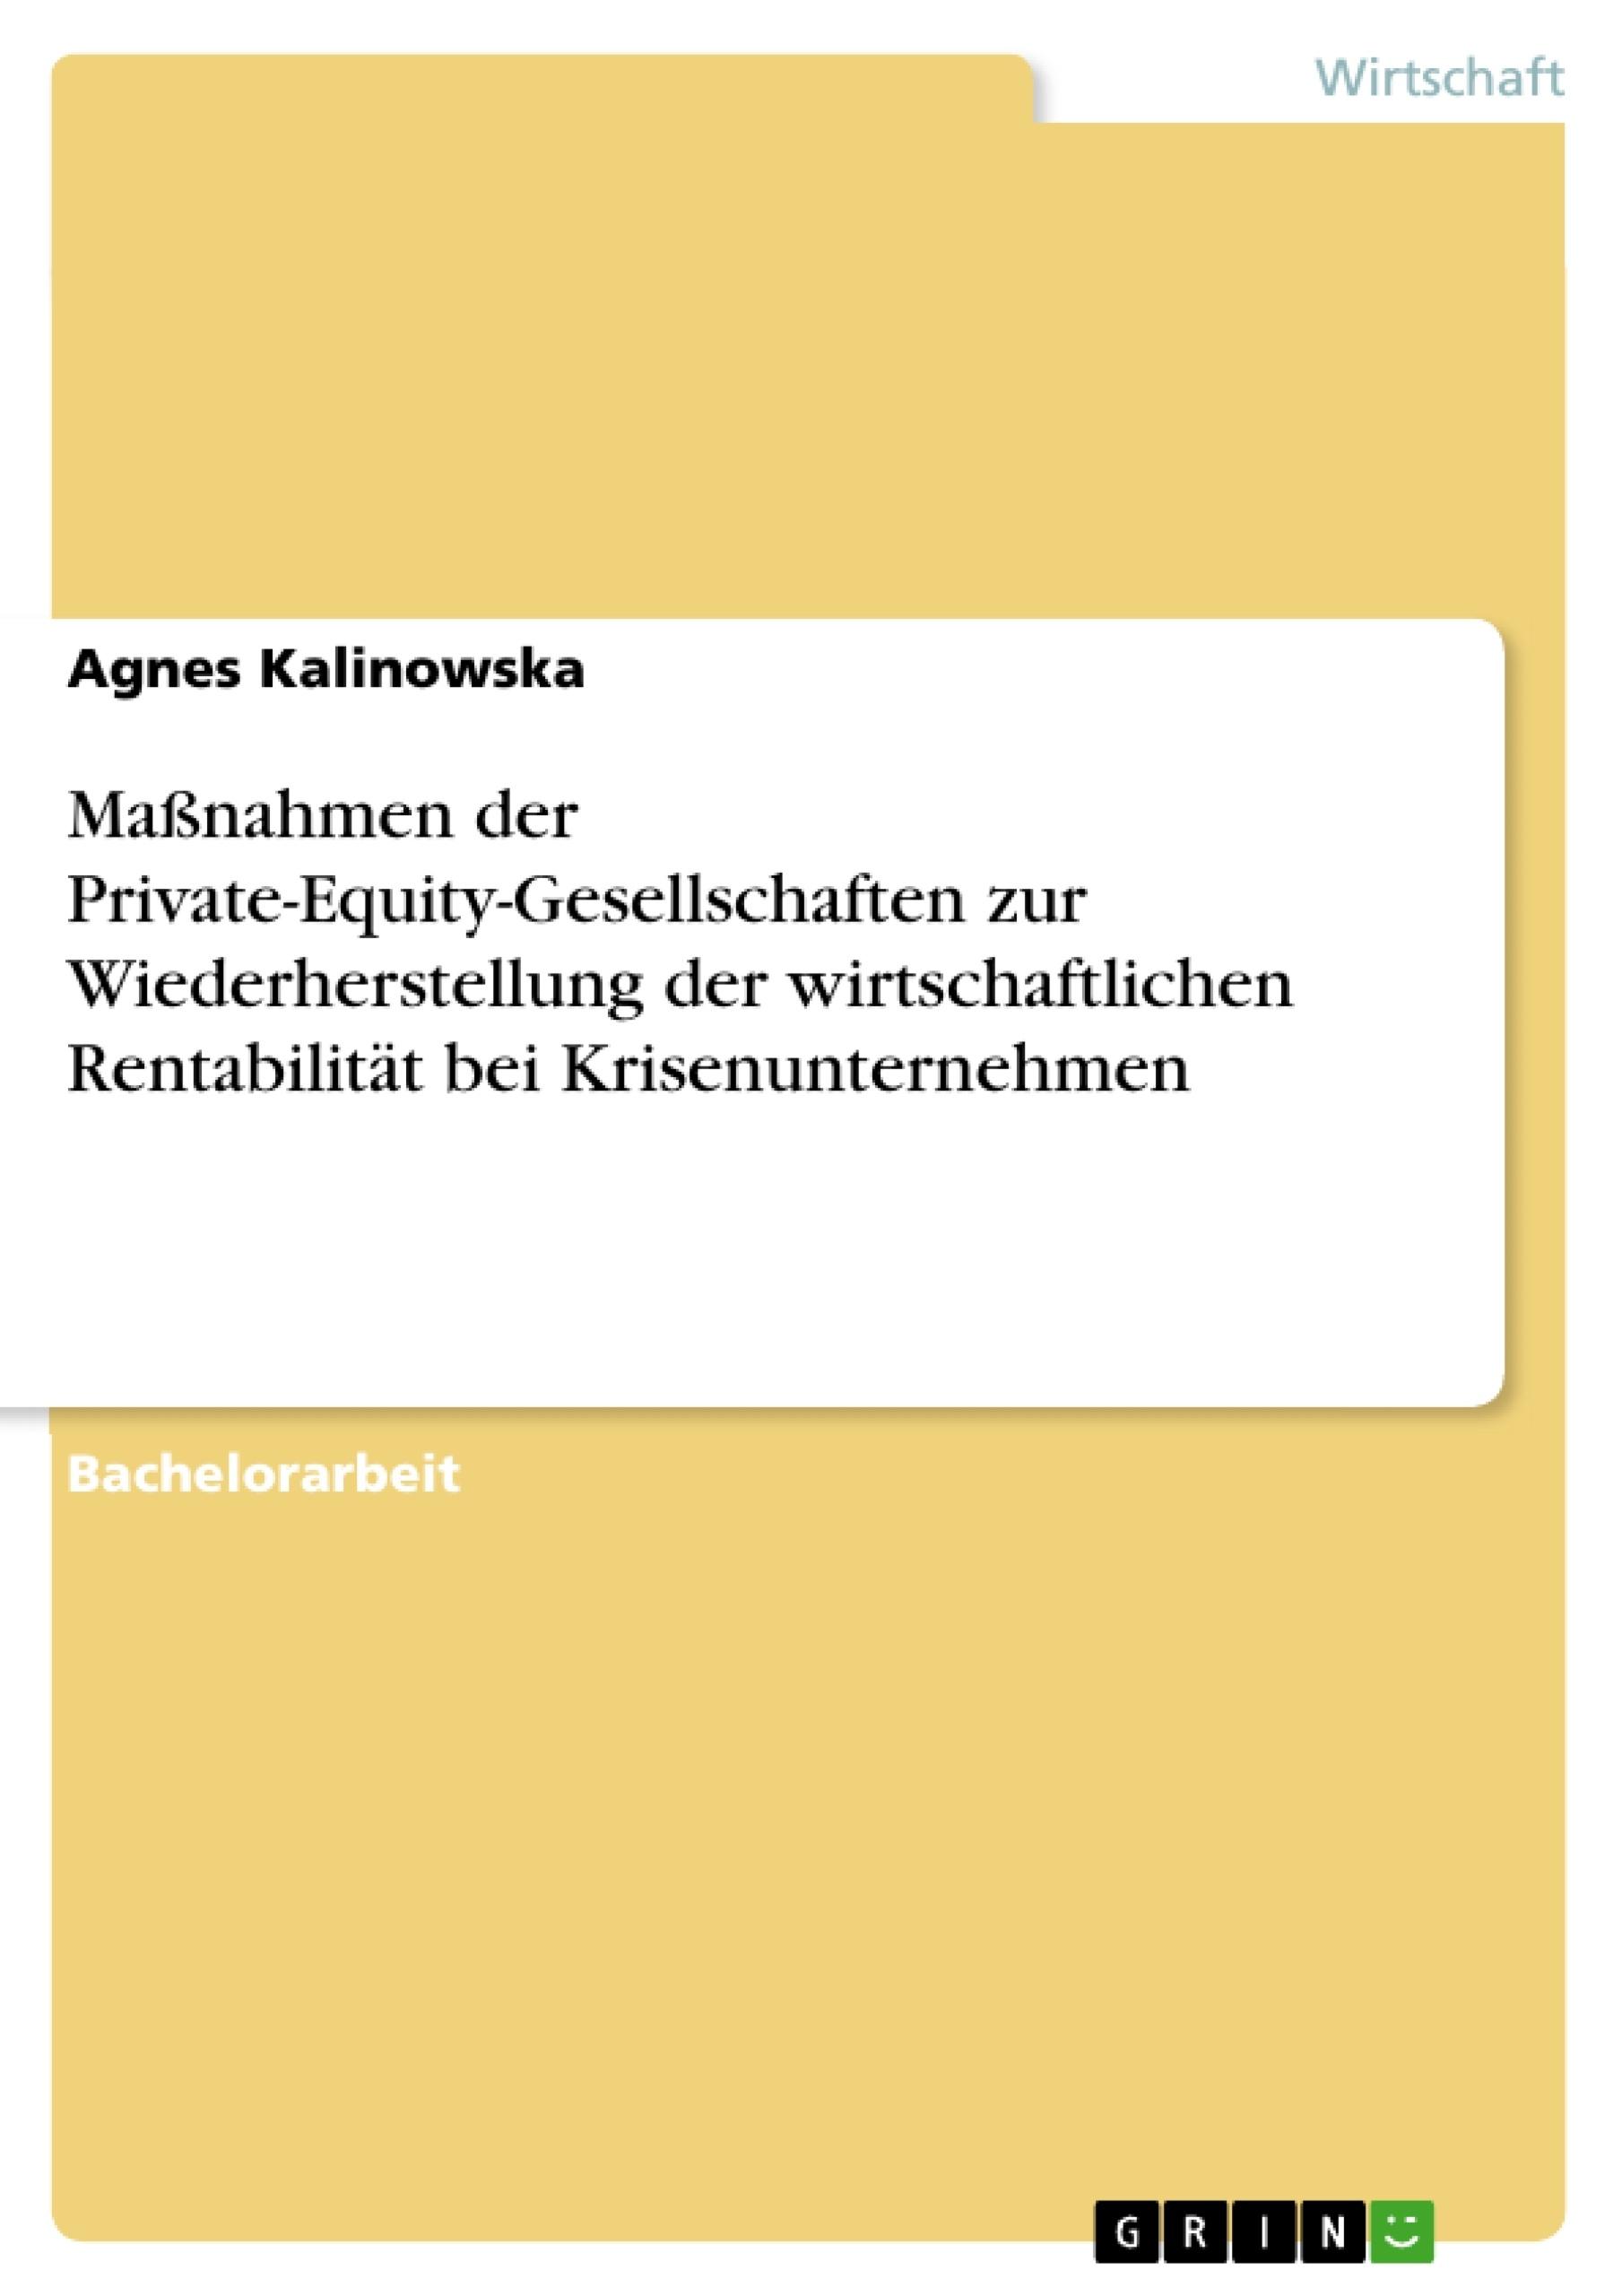 Titel: Maßnahmen der Private-Equity-Gesellschaften zur Wiederherstellung der wirtschaftlichen Rentabilität bei Krisenunternehmen